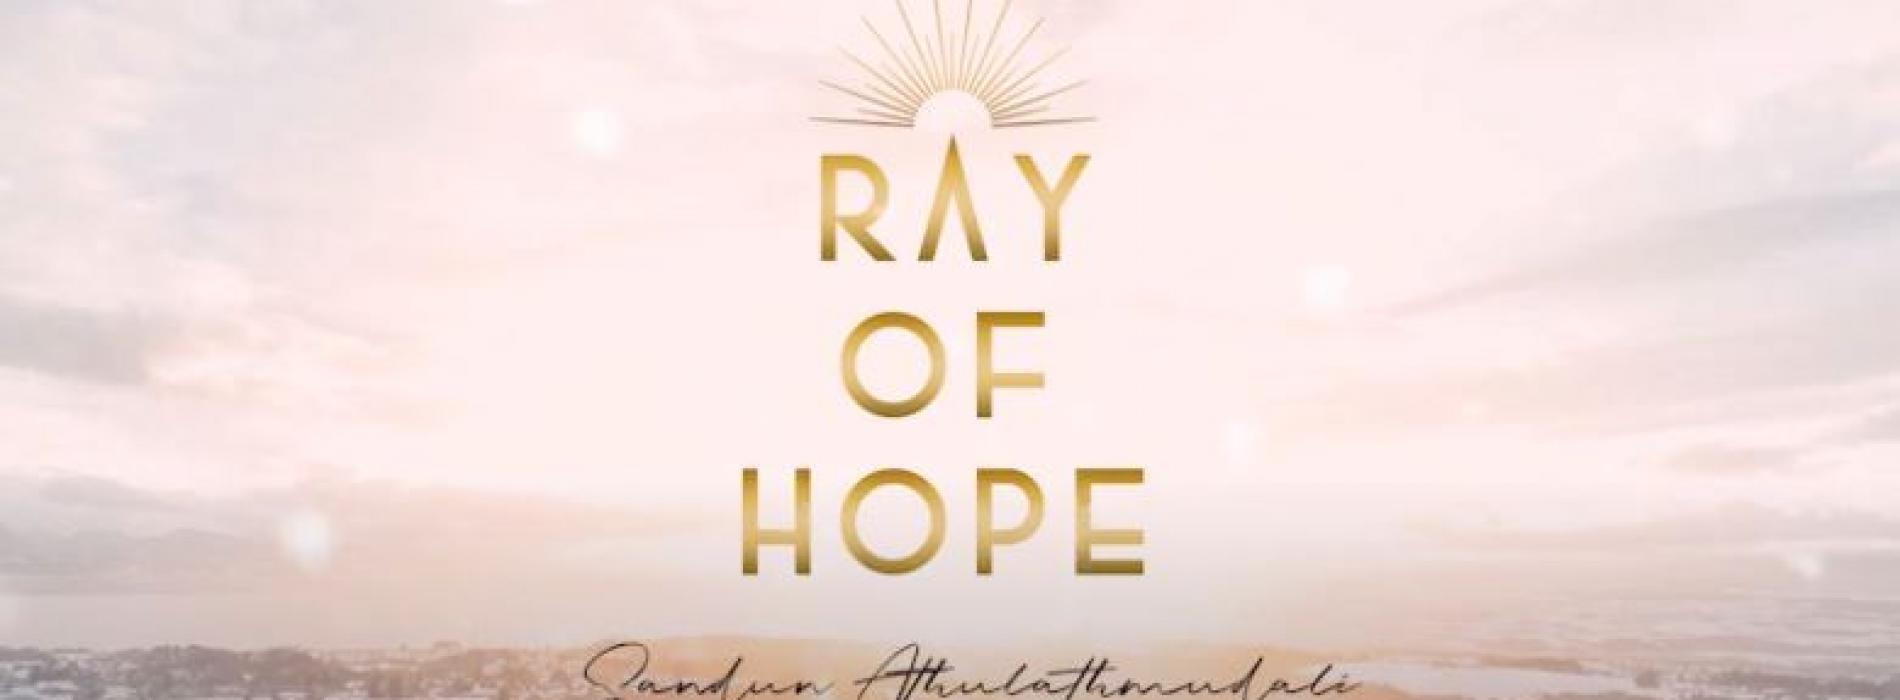 New Music : Sandun Athulathmudali – Ray Of Hope